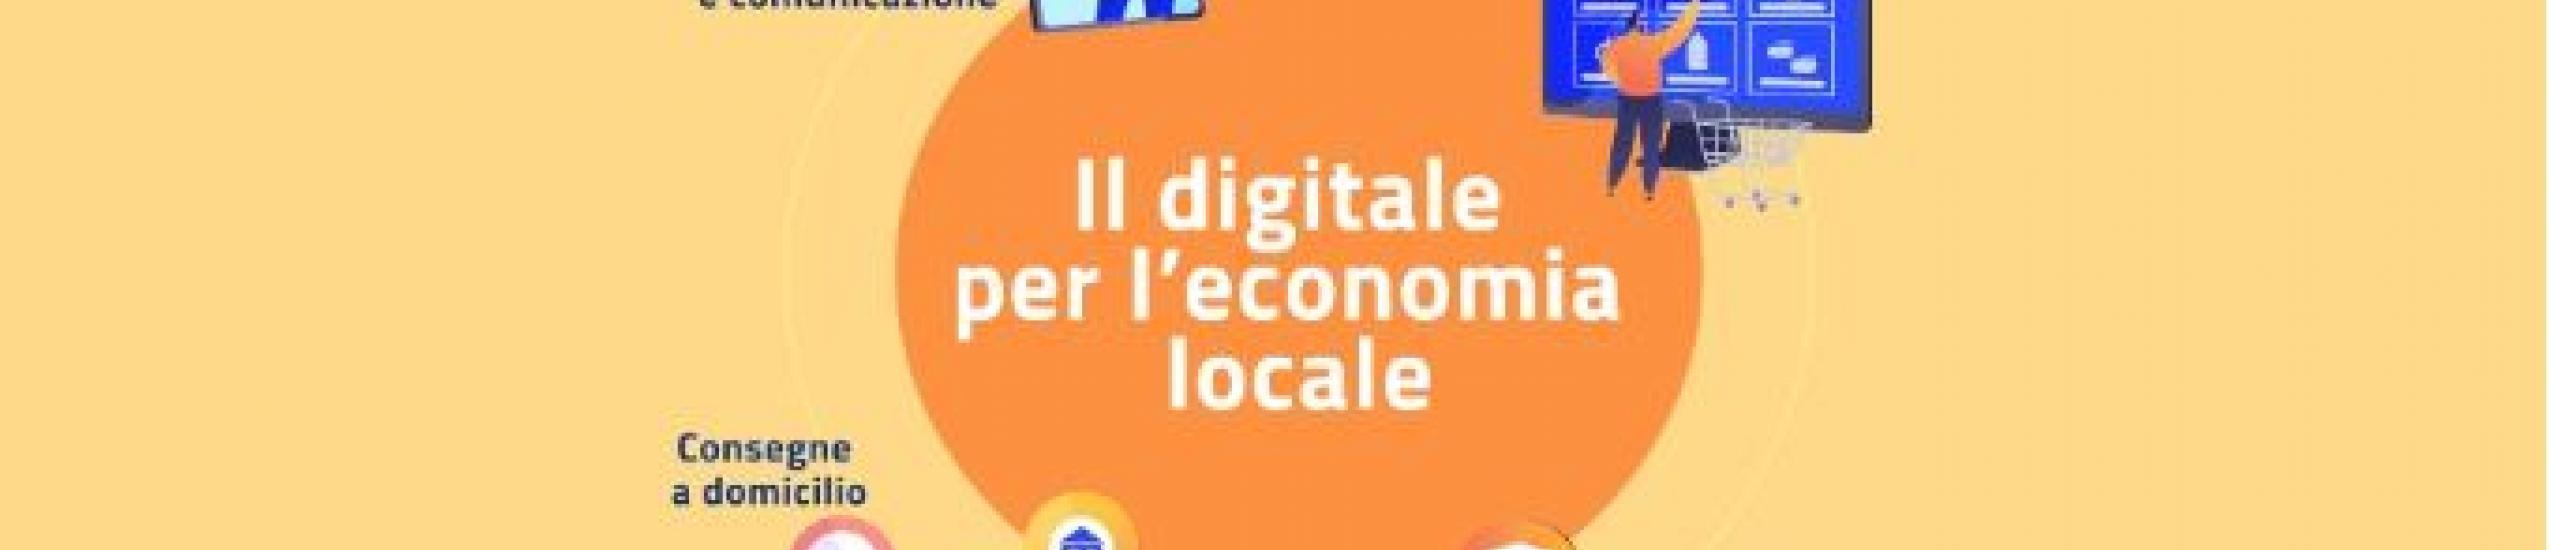 Vicini e Connessi: il digitale per l'economia locale